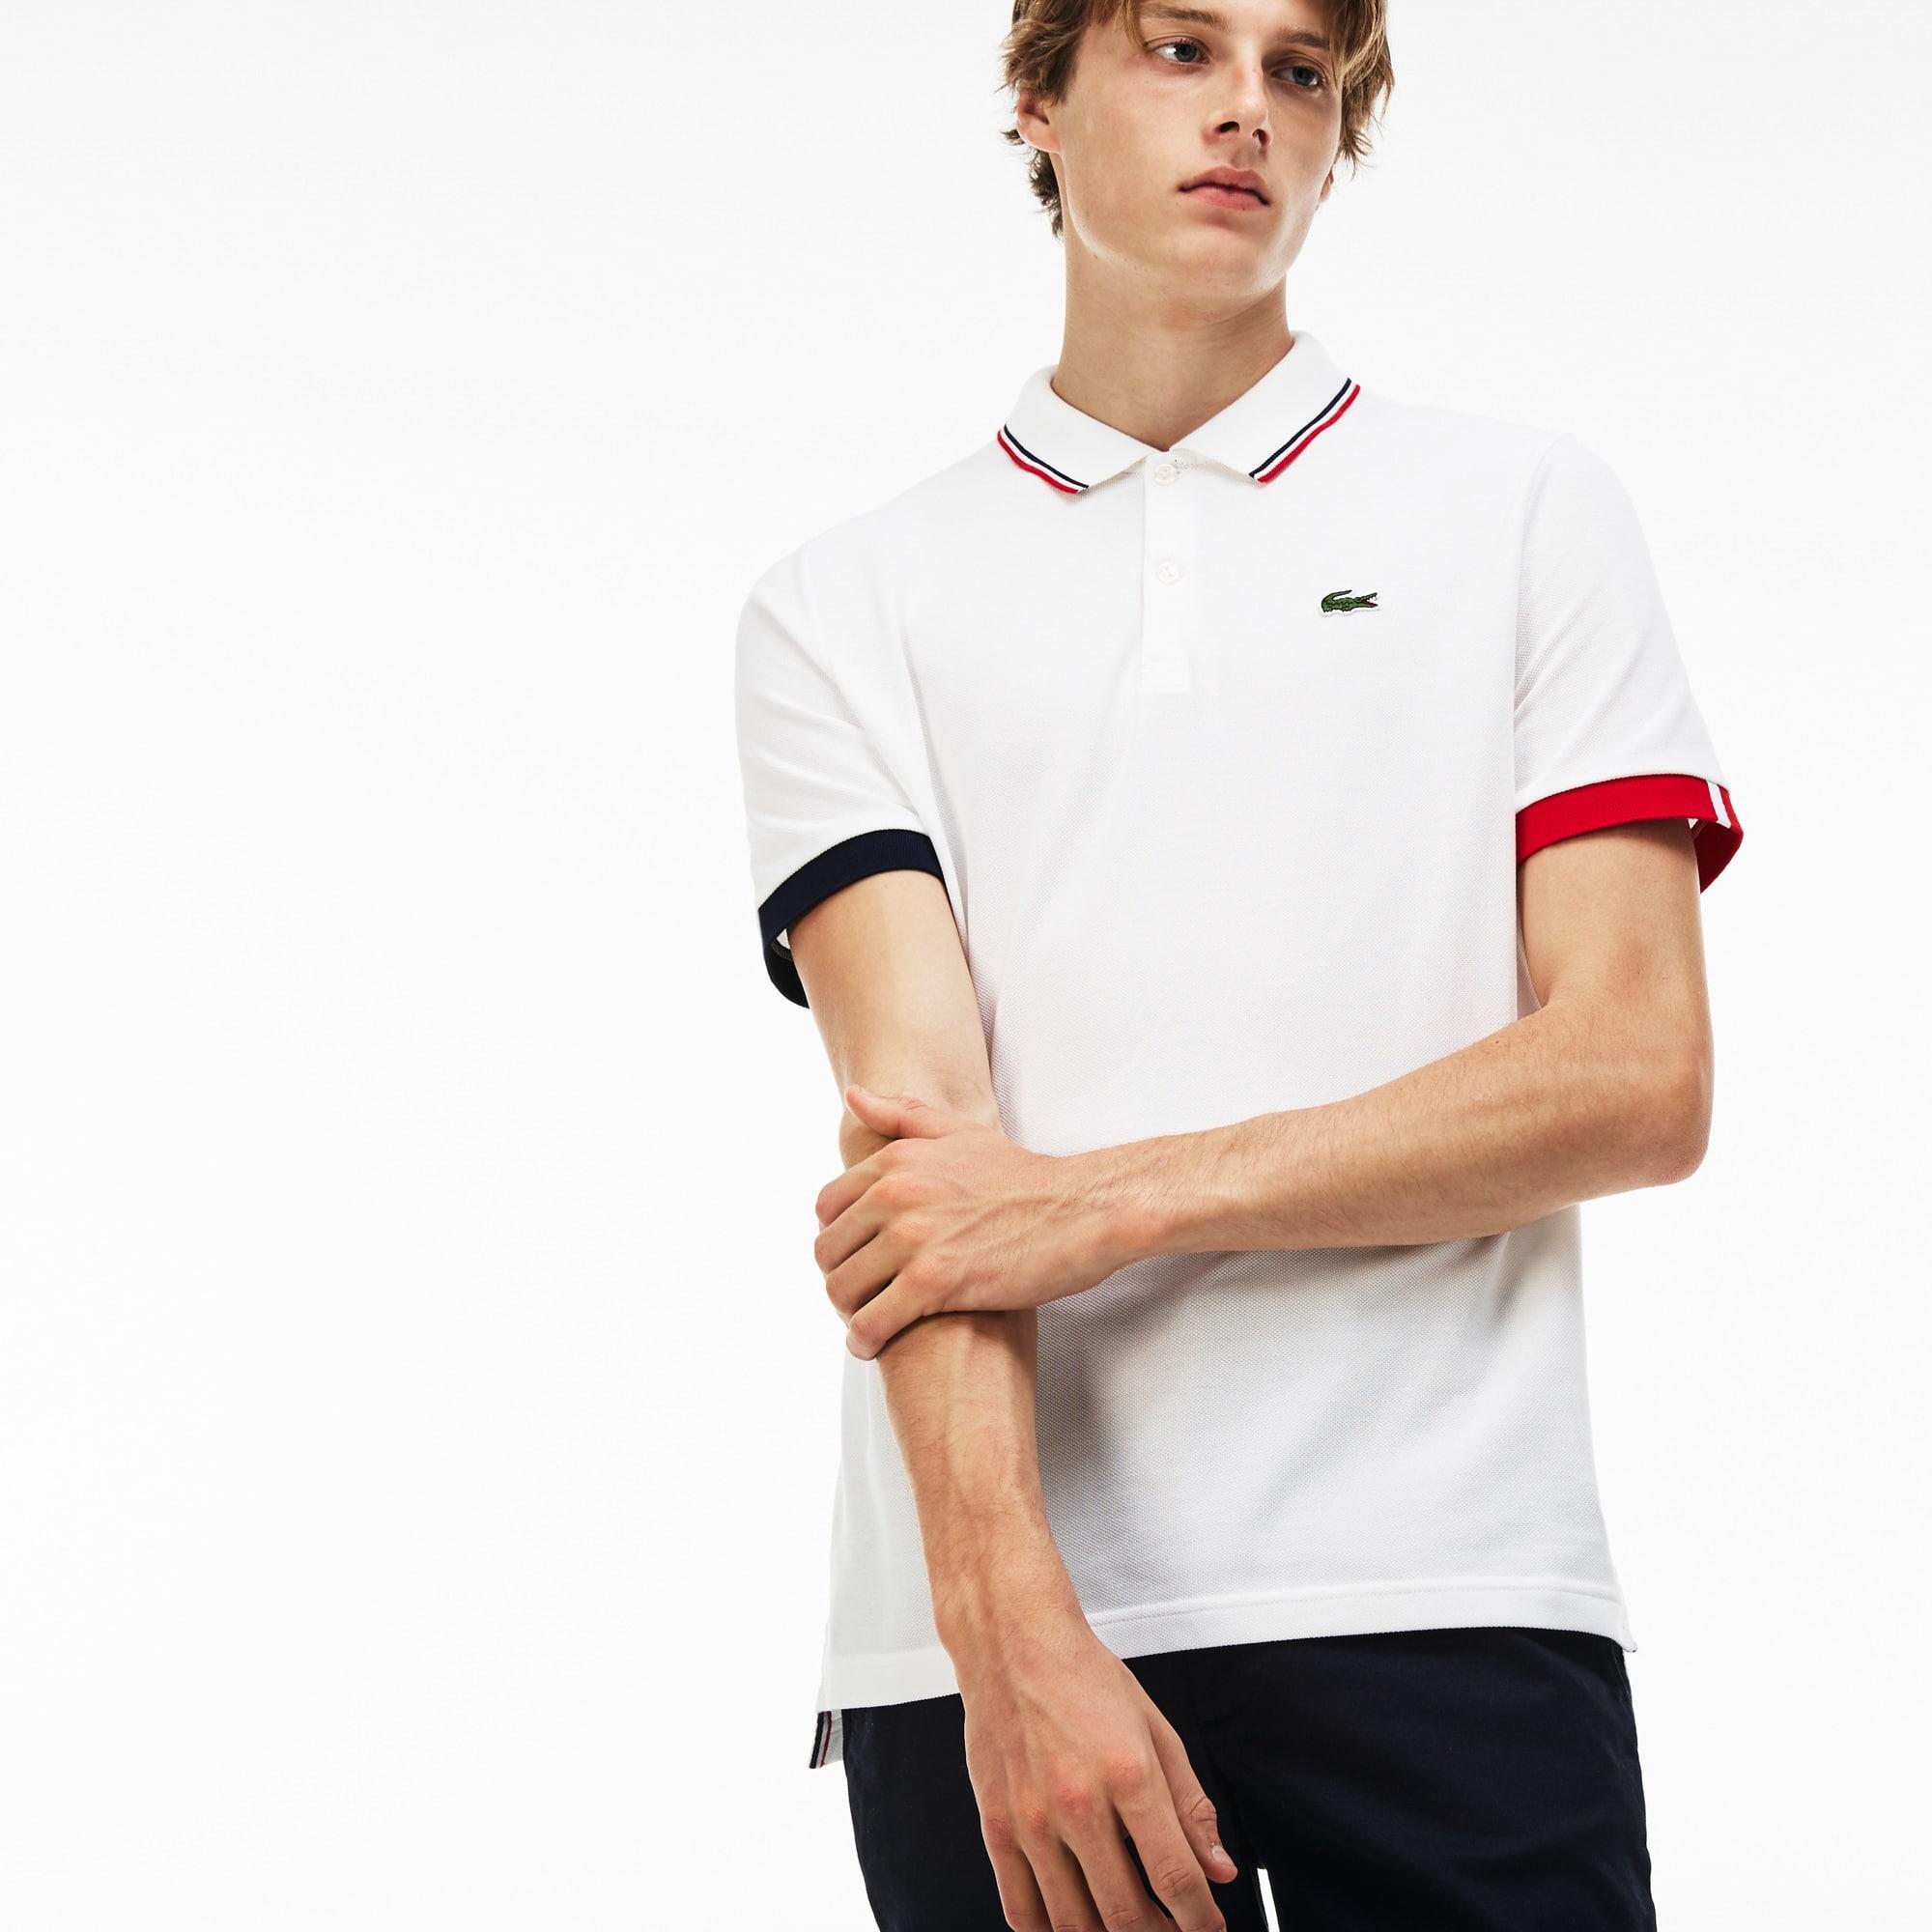 ea06234d940d6 Camisa Polo Lacoste LIVE Slim Fit Masculina em Petit Piqué com Gola  Debruada ...